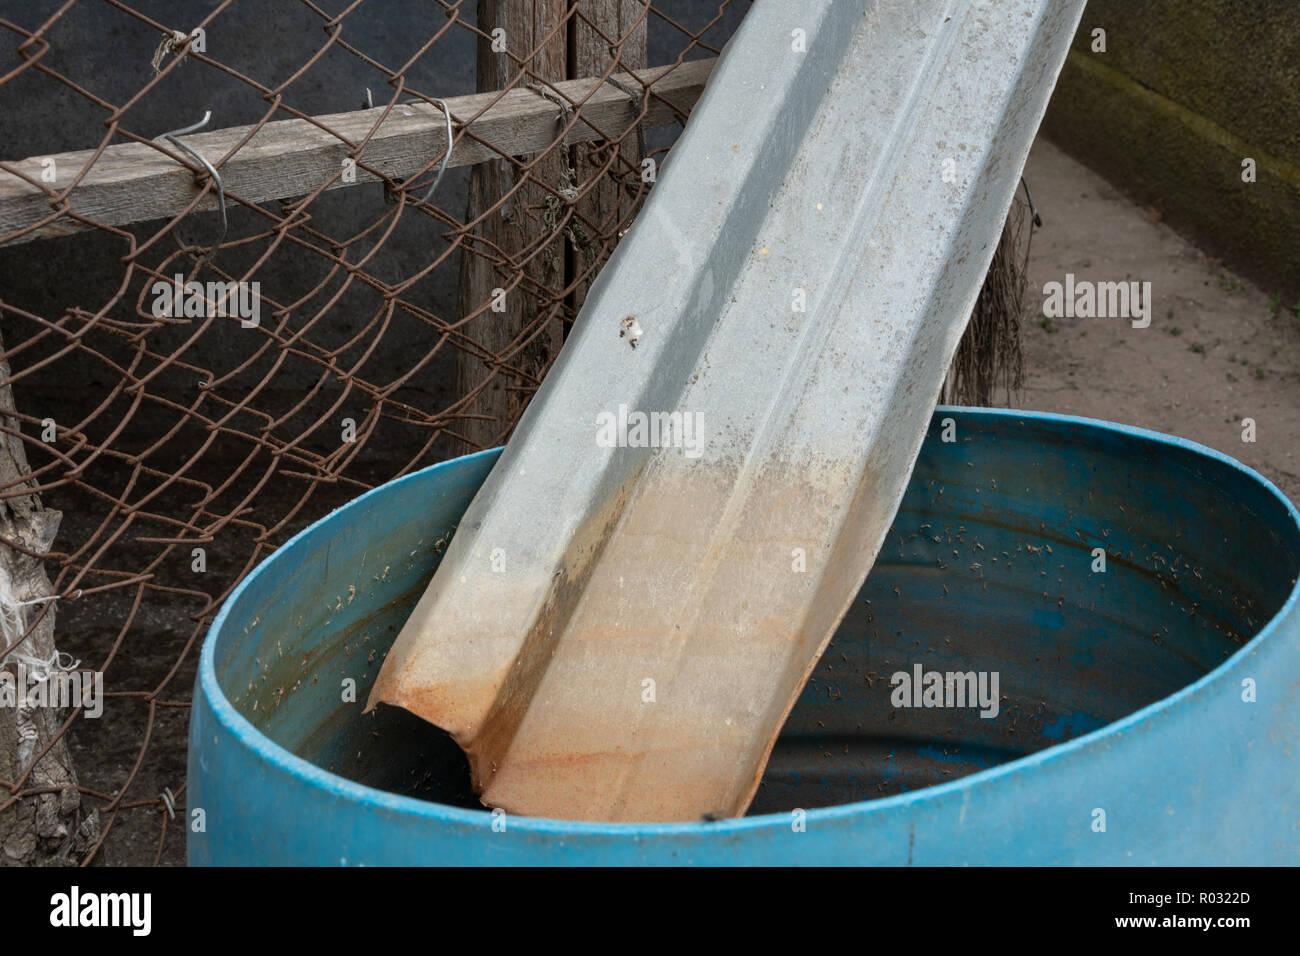 Collecte des eaux dans une ferme. La pénurie d'eau douce dans la région rurale de l'Ukraine. Photo Stock